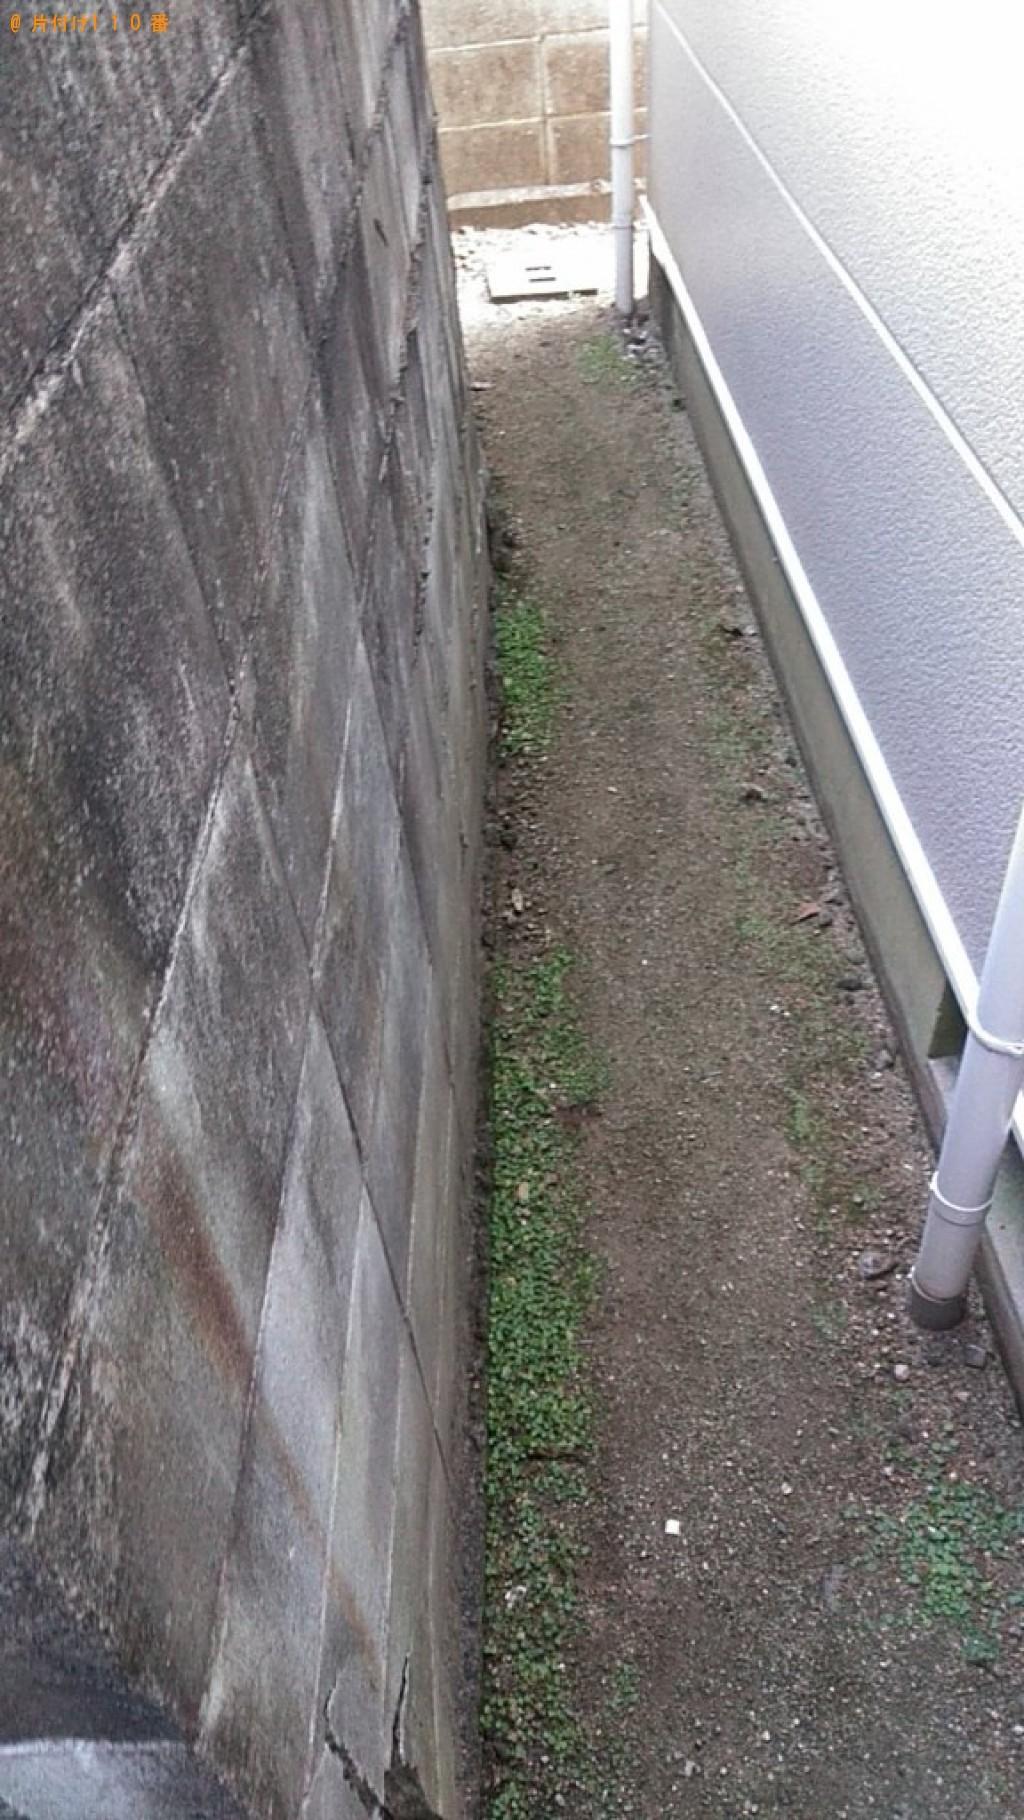 【松山市木屋町】シングルベッド枠のみの出張不用品回収・処分ご依頼